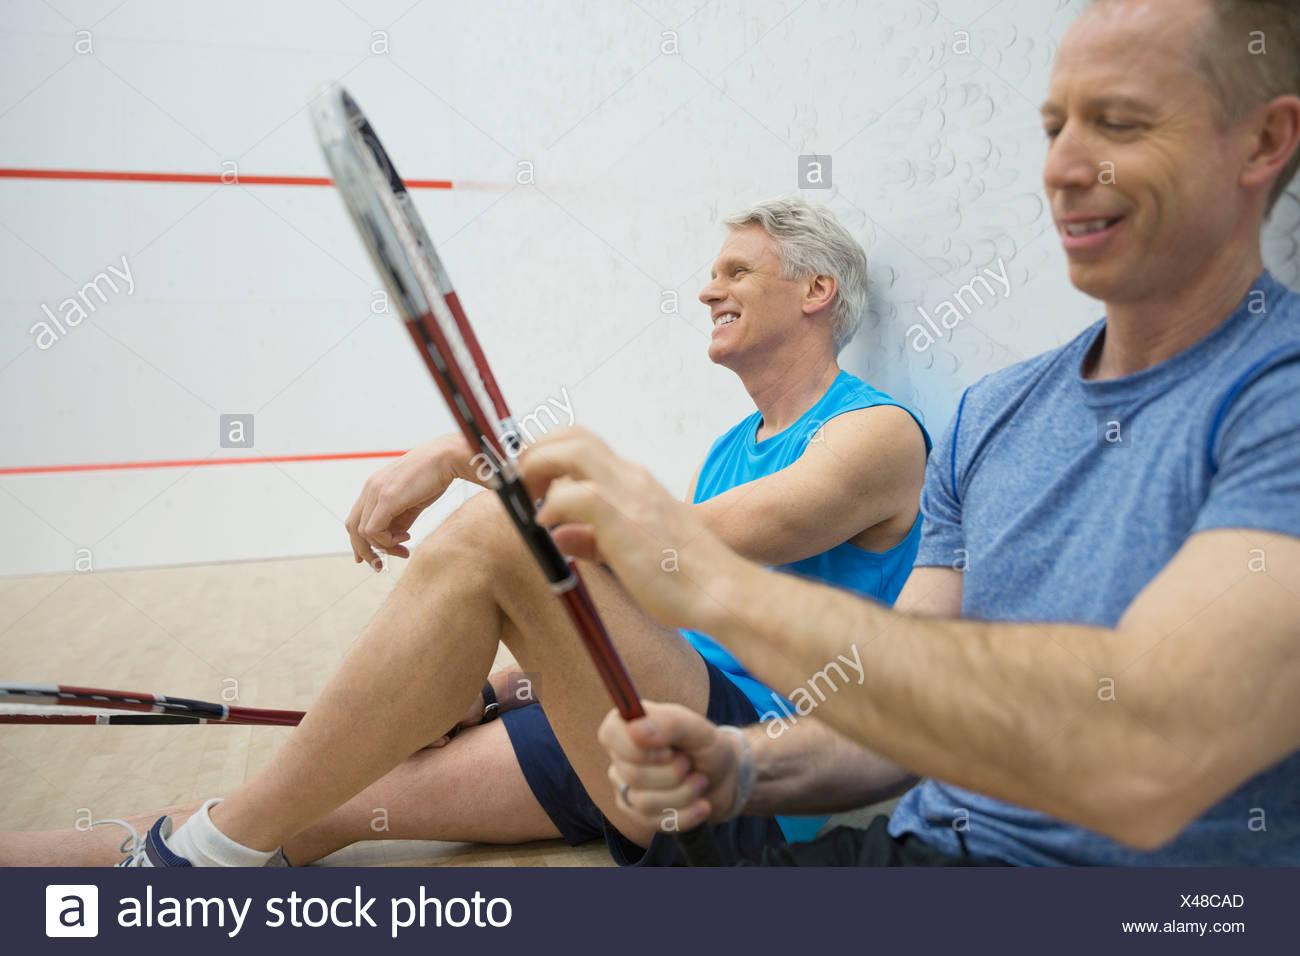 Gli uomini in appoggio sul campo da squash Immagini Stock